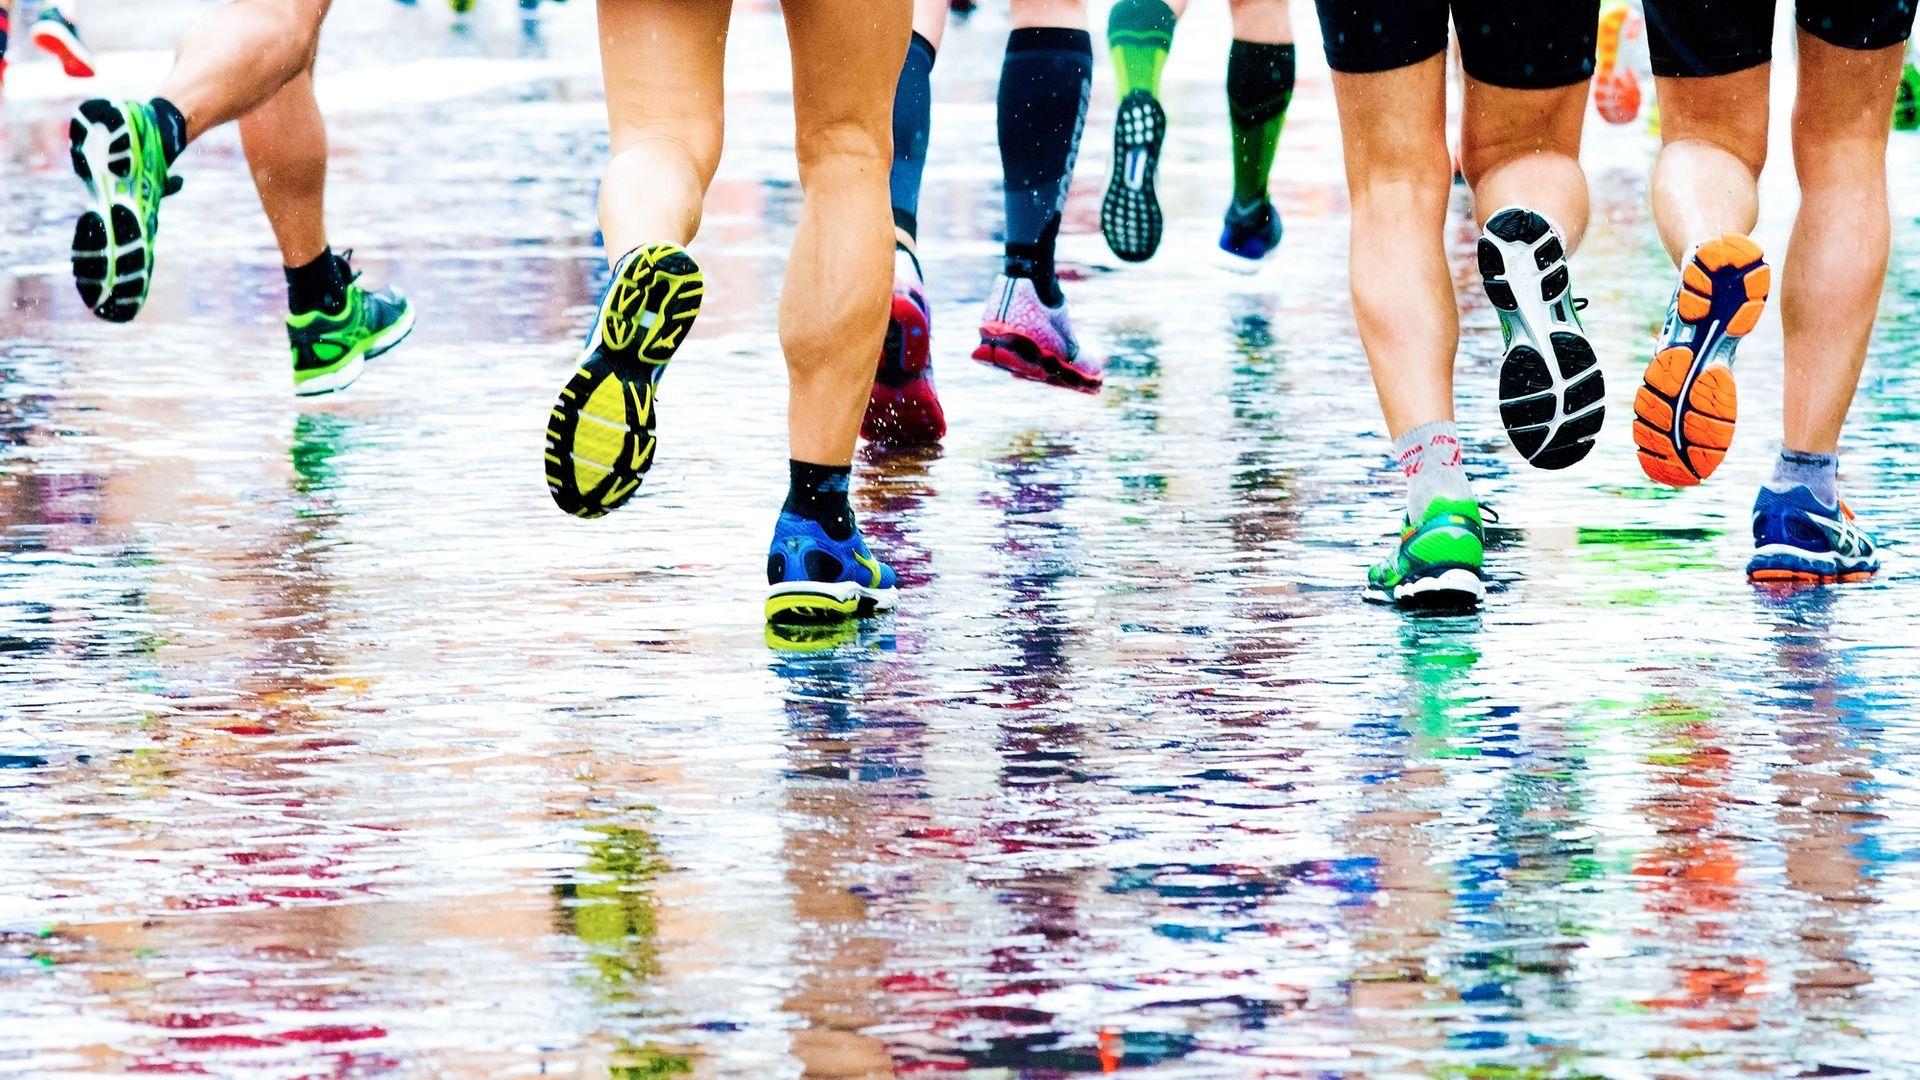 People running in a marathon